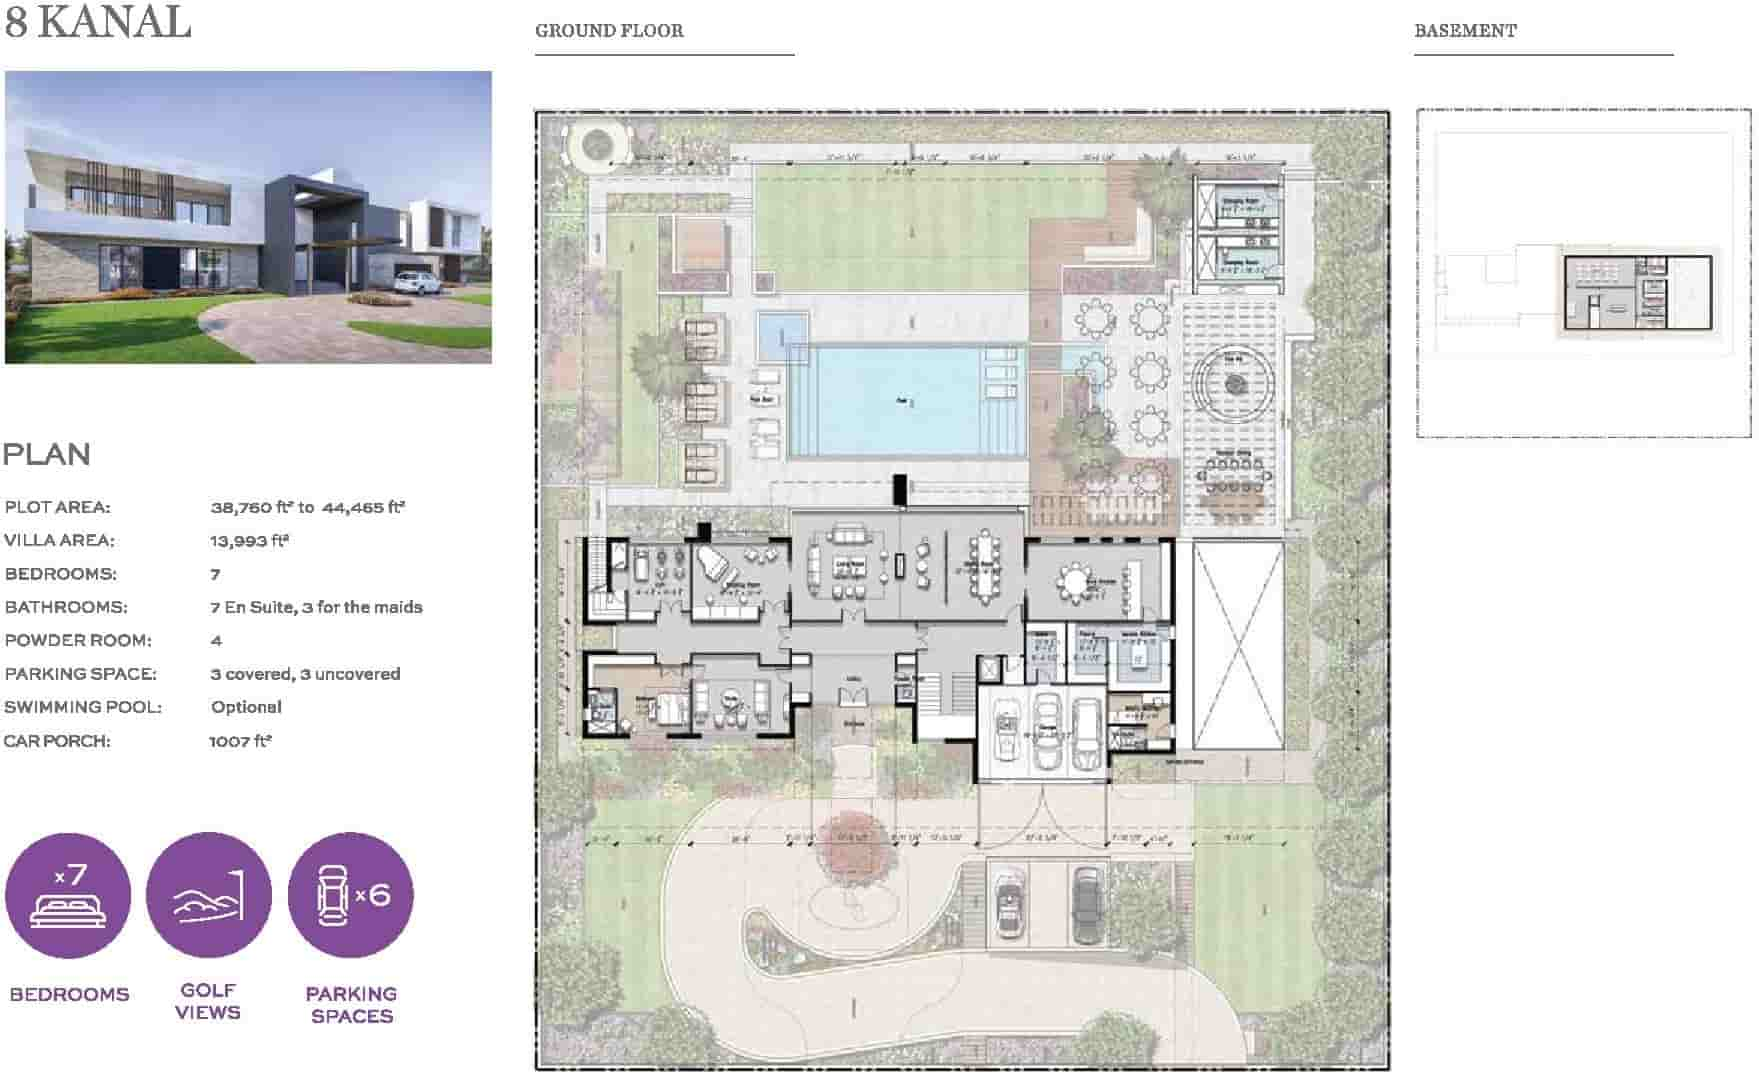 Eighteen 8 Kanal Villa Layout Plan